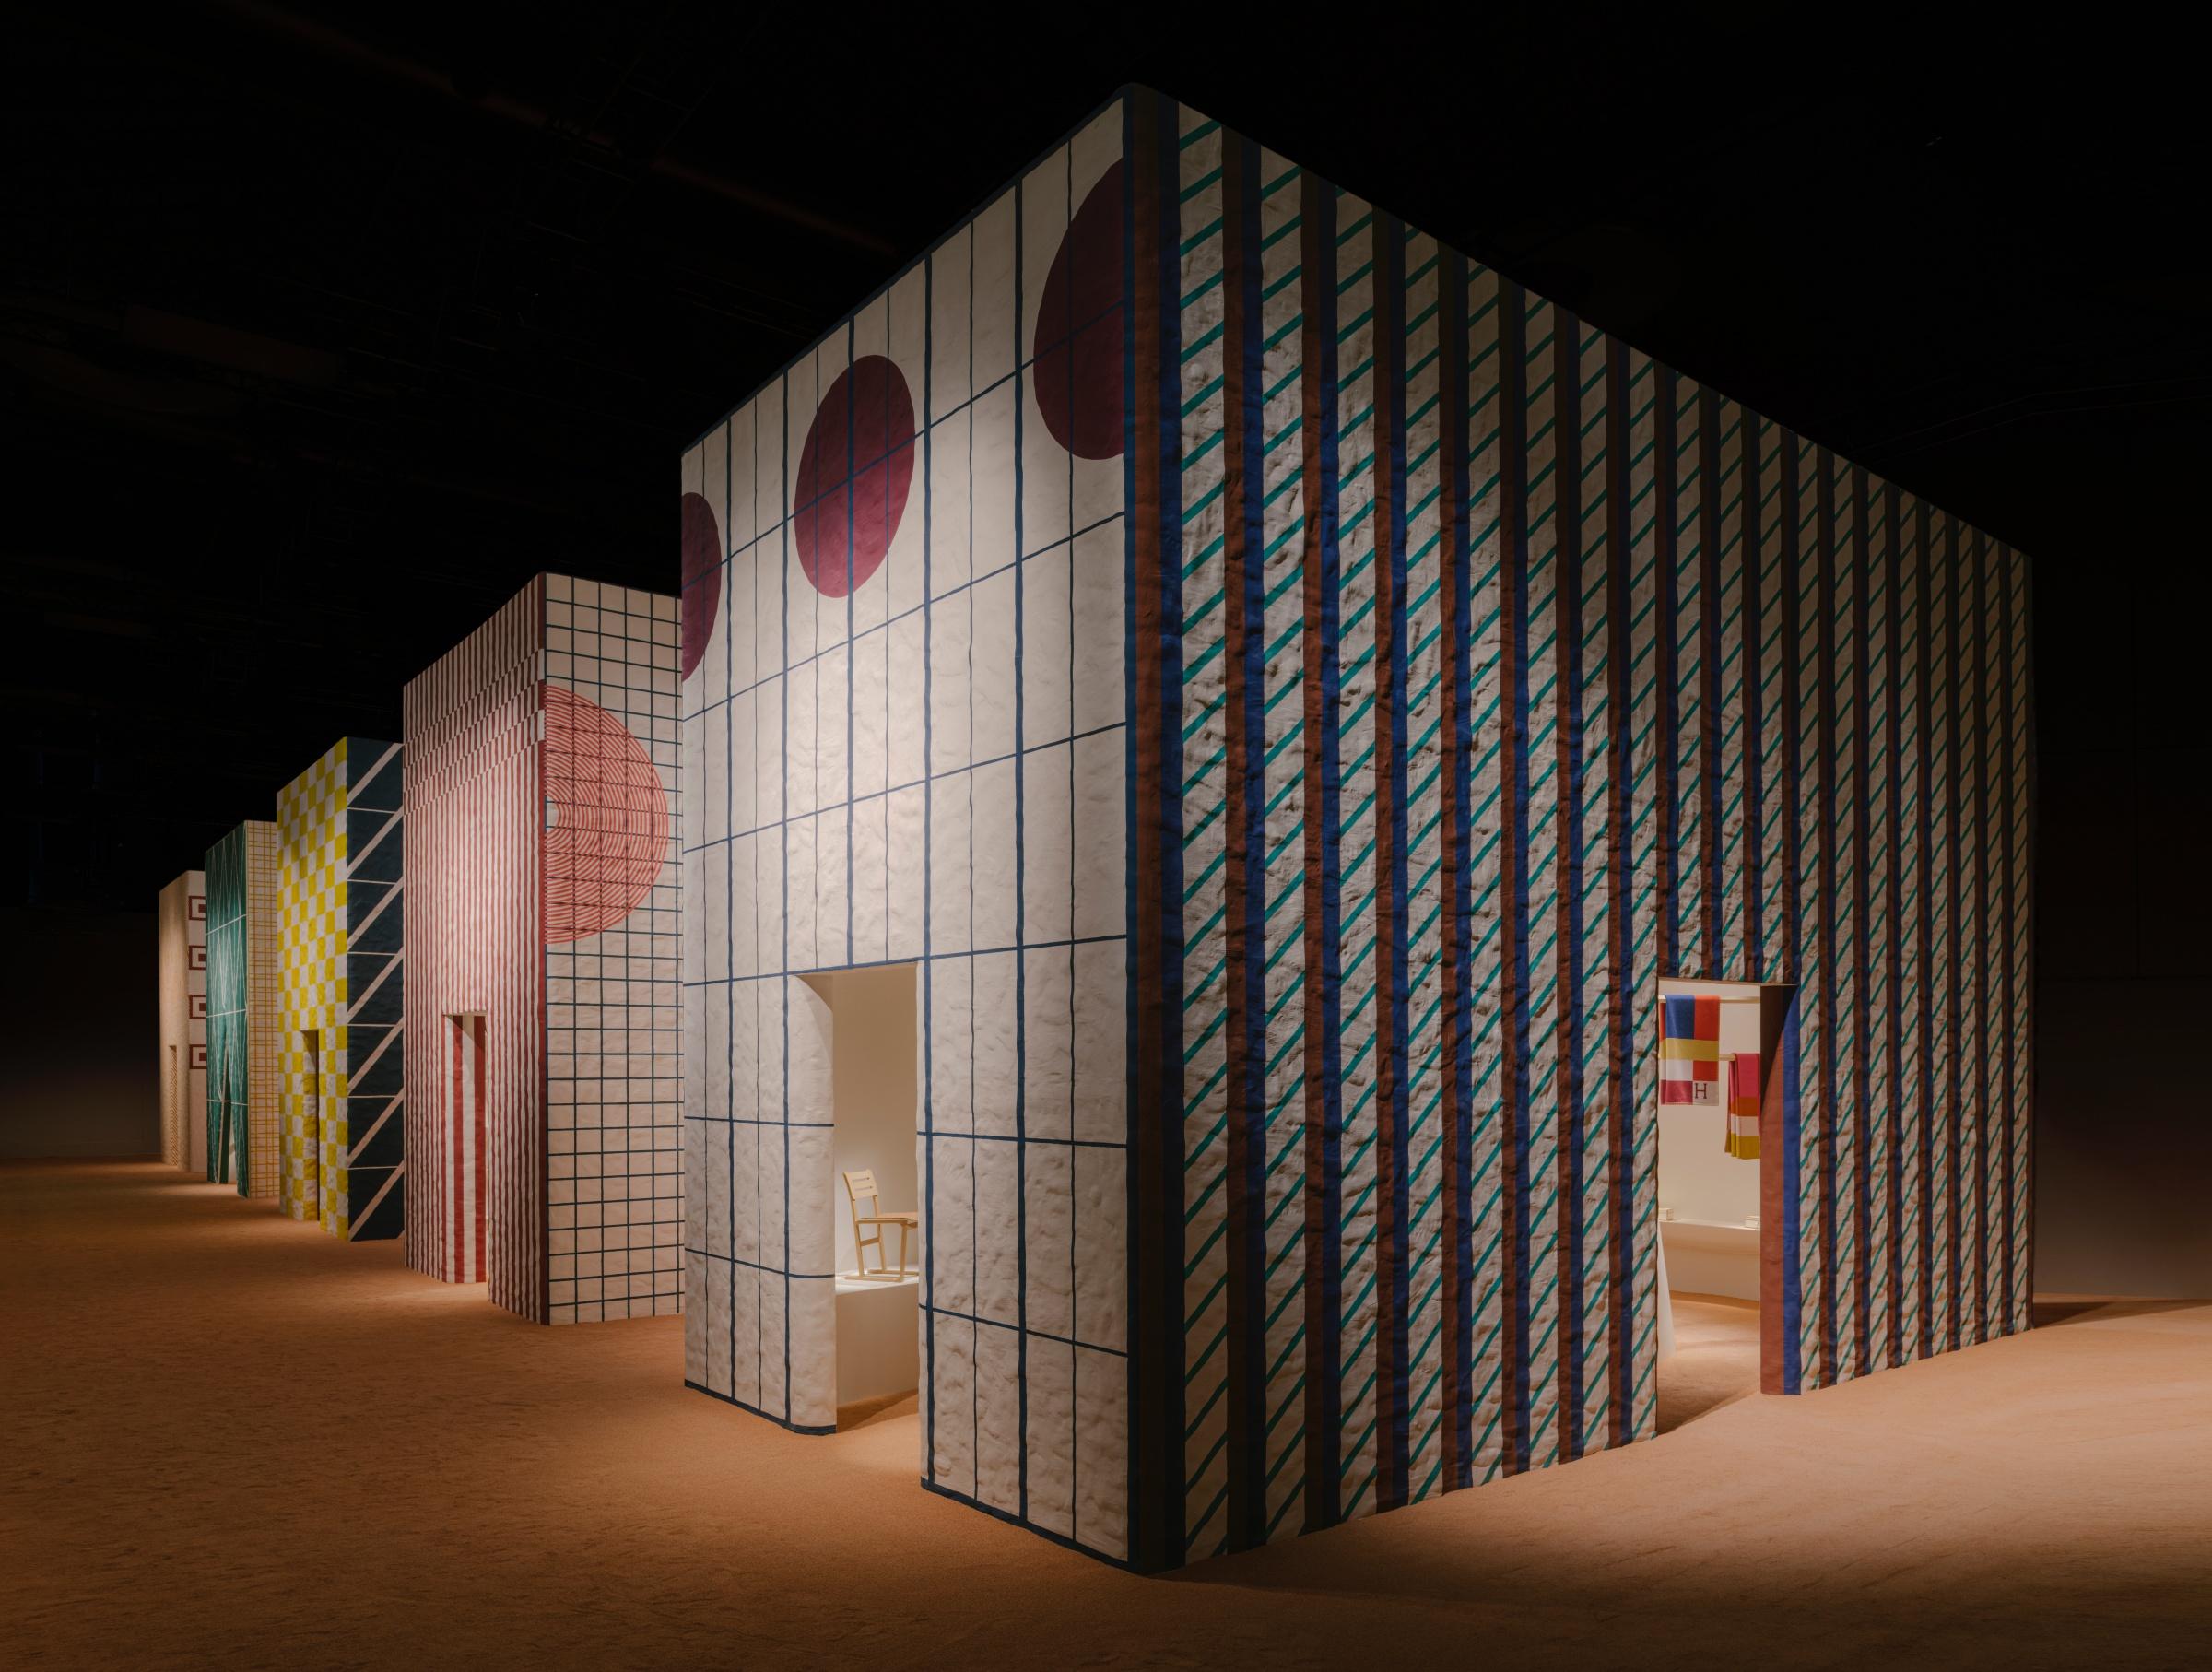 Các tạo tác mới của thương hiệu đã có mặt tại Milan Design Week 2021, diễn ra vào tuần thứ hai tháng 9.